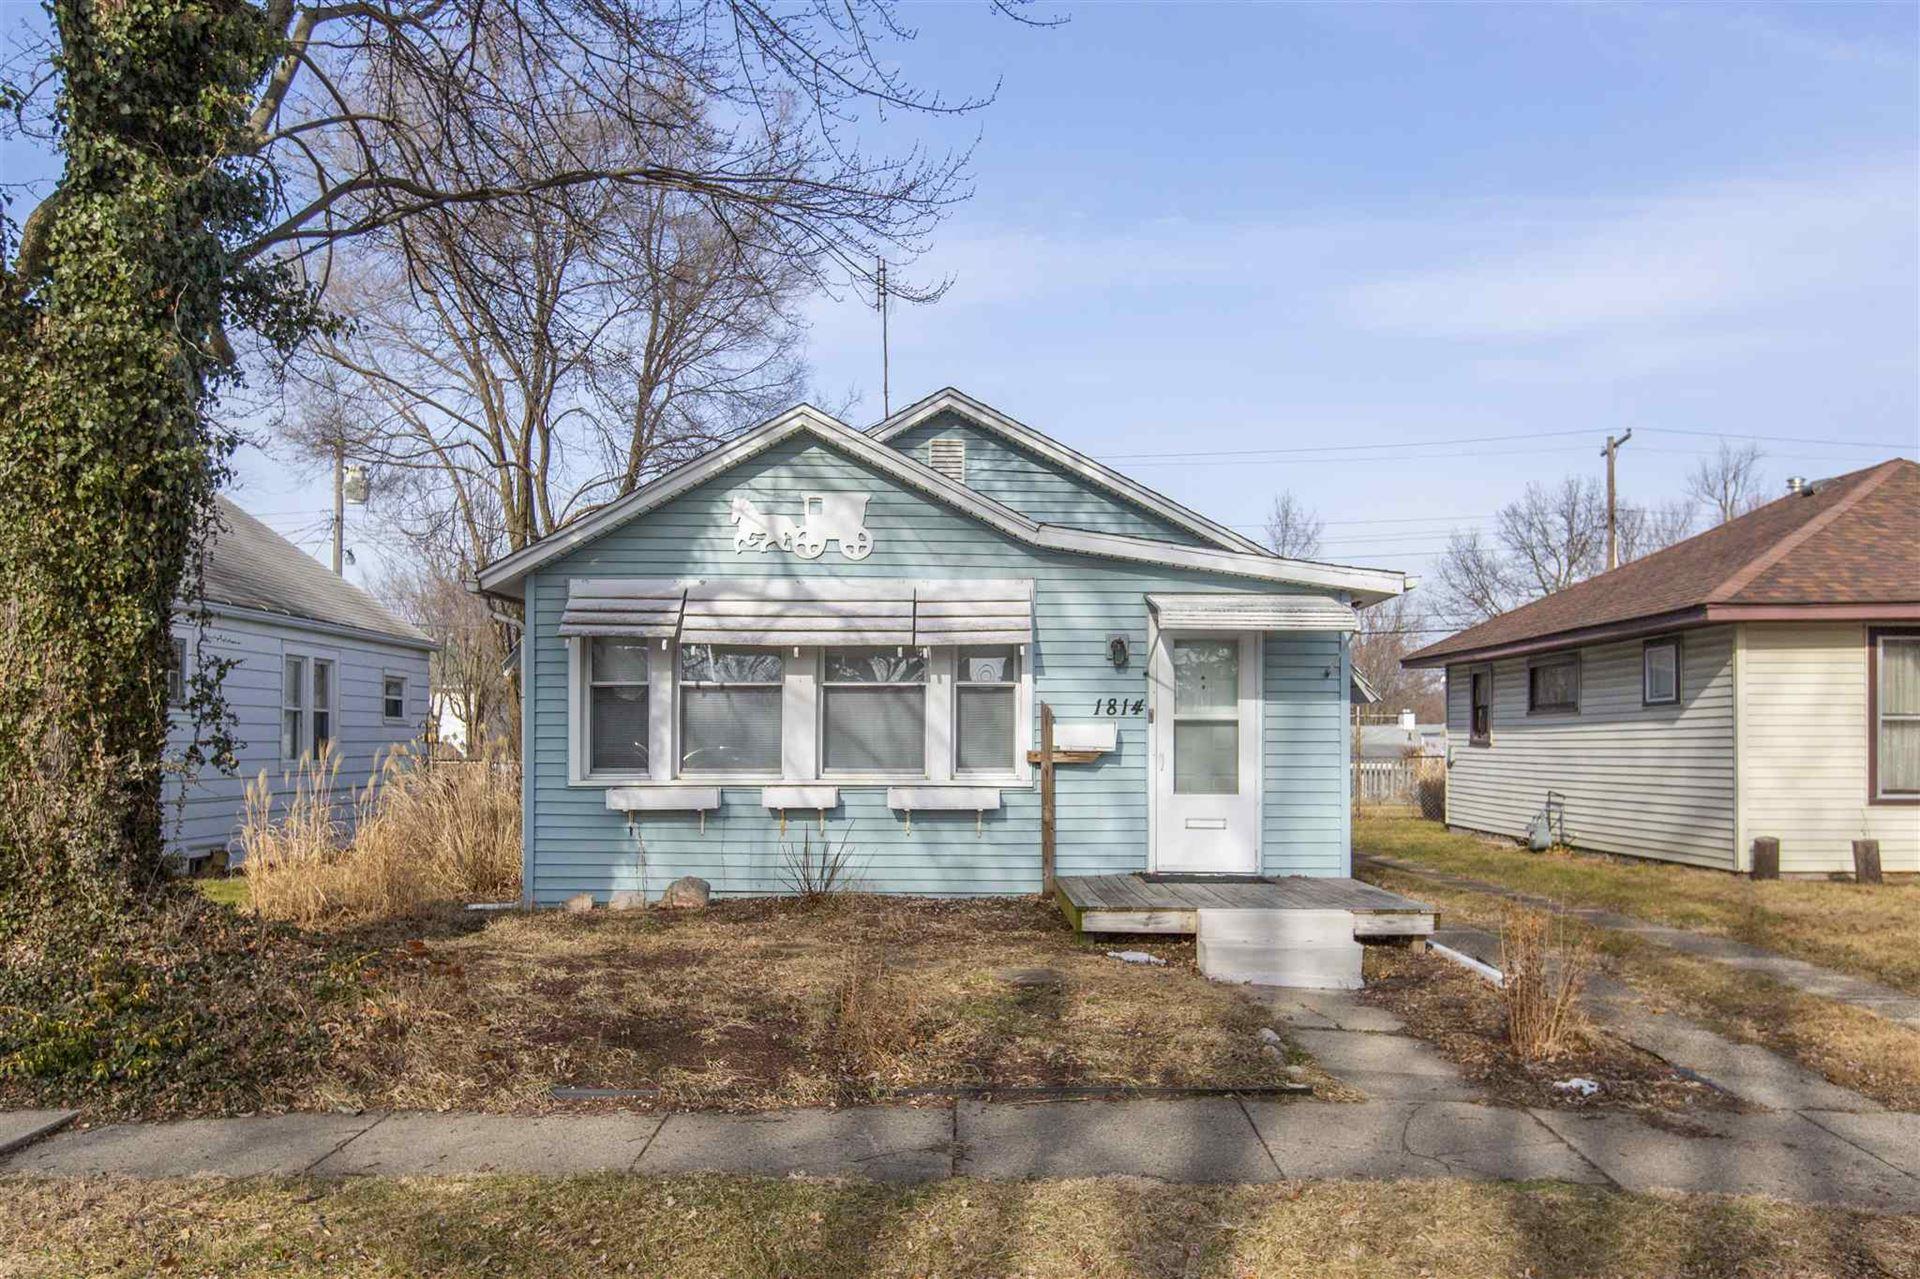 1814 Homewood Avenue, Mishawaka, IN 46544 - #: 202101353